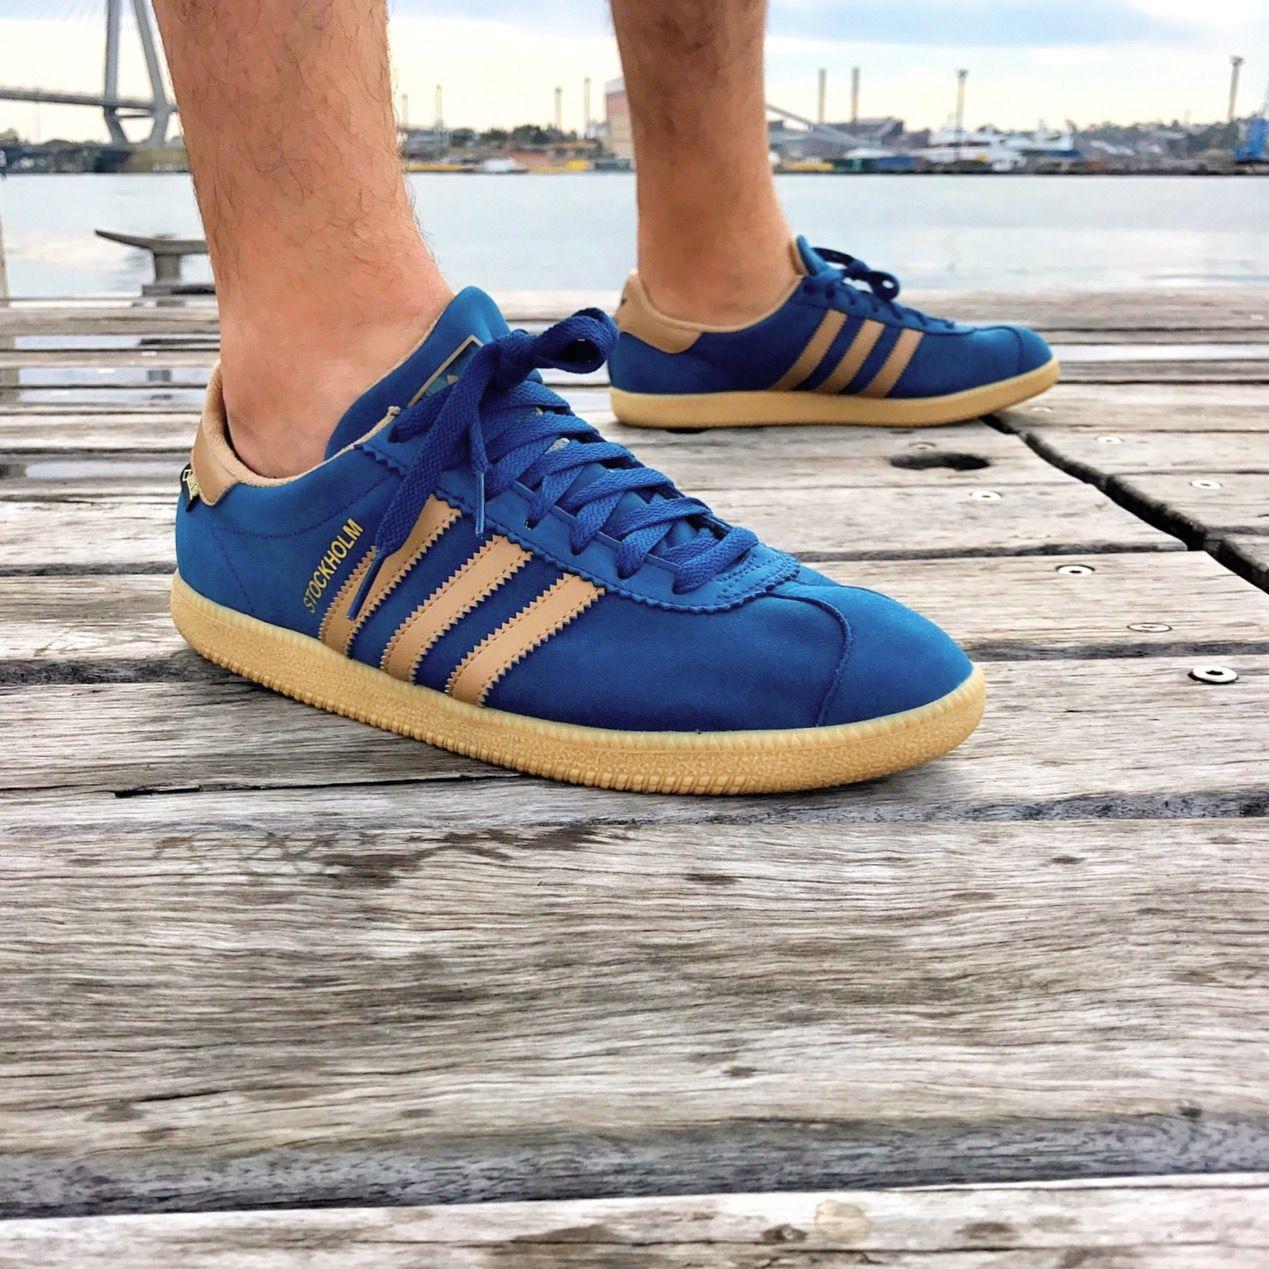 Adidas OG Trimm Star Athens CW Blue white Gum UK 100